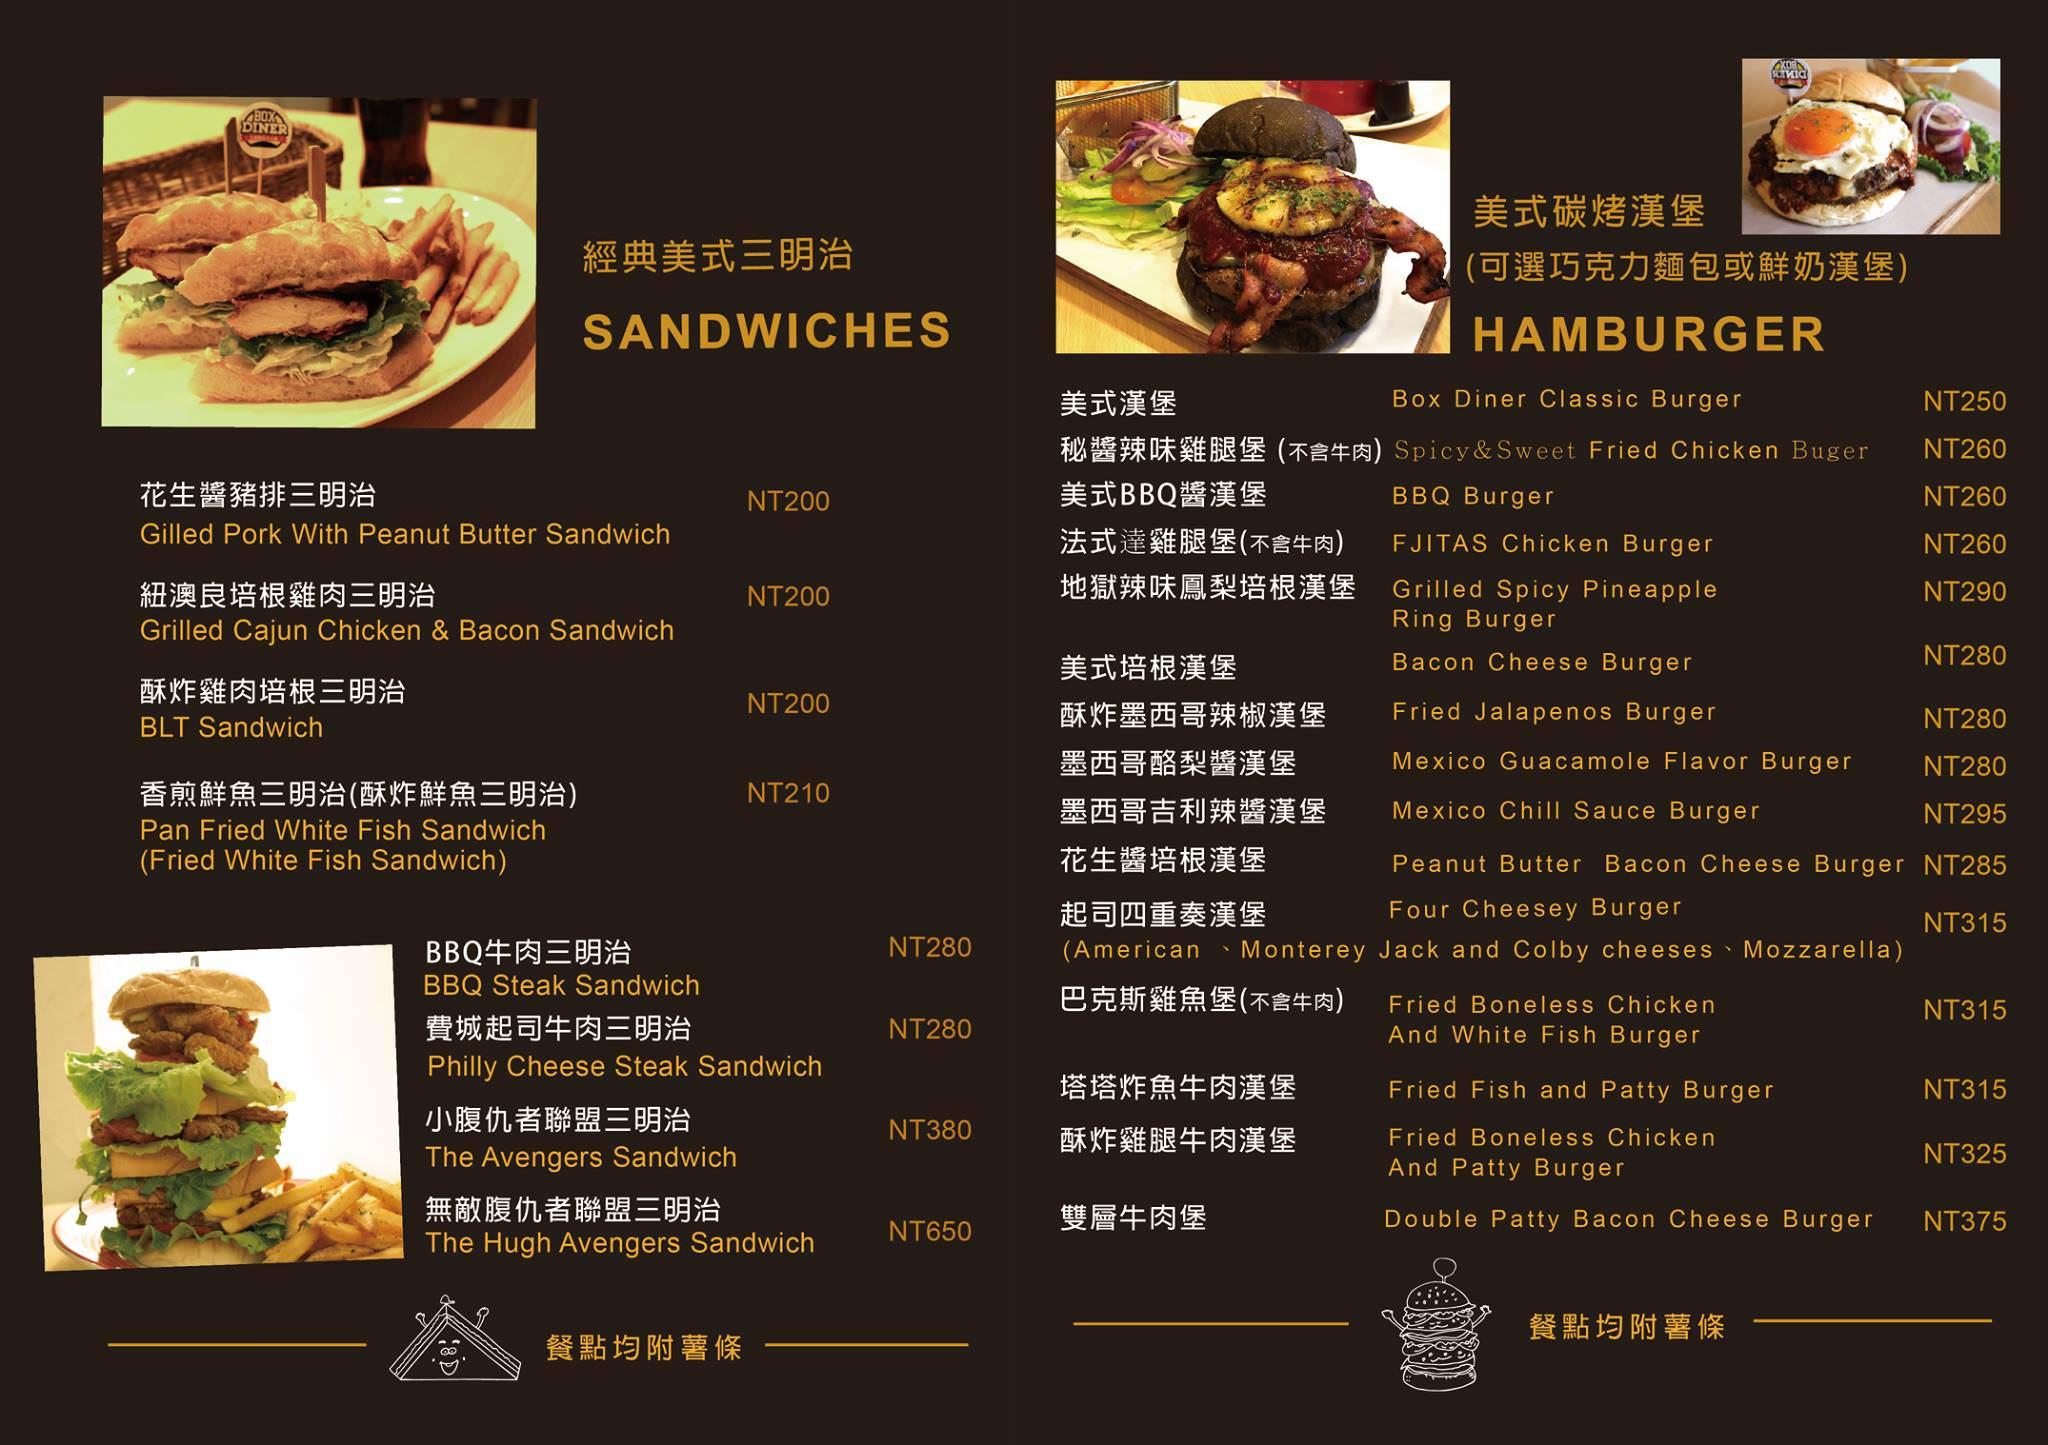 餐廳台北,餐廳推薦,AK12,AK12美式小館,台北捷運,捷運美食,西門美食,西門町 餐廳,美式餐廳,巴克斯,調酒-55